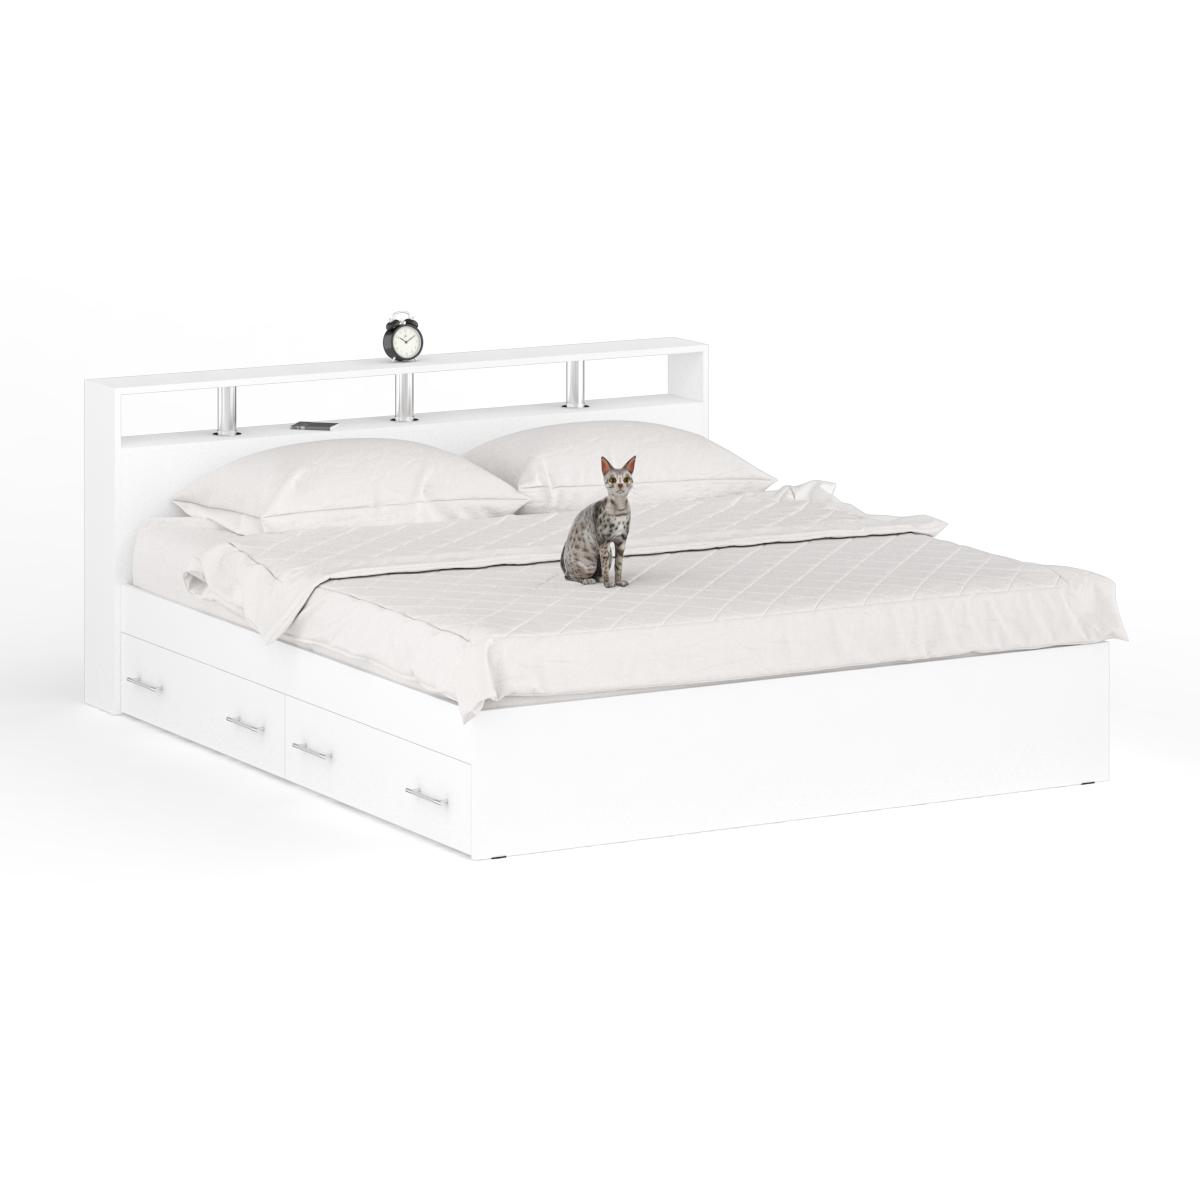 Кровать с ящиками Камелия 1800я+Осн белый, 184х204х88